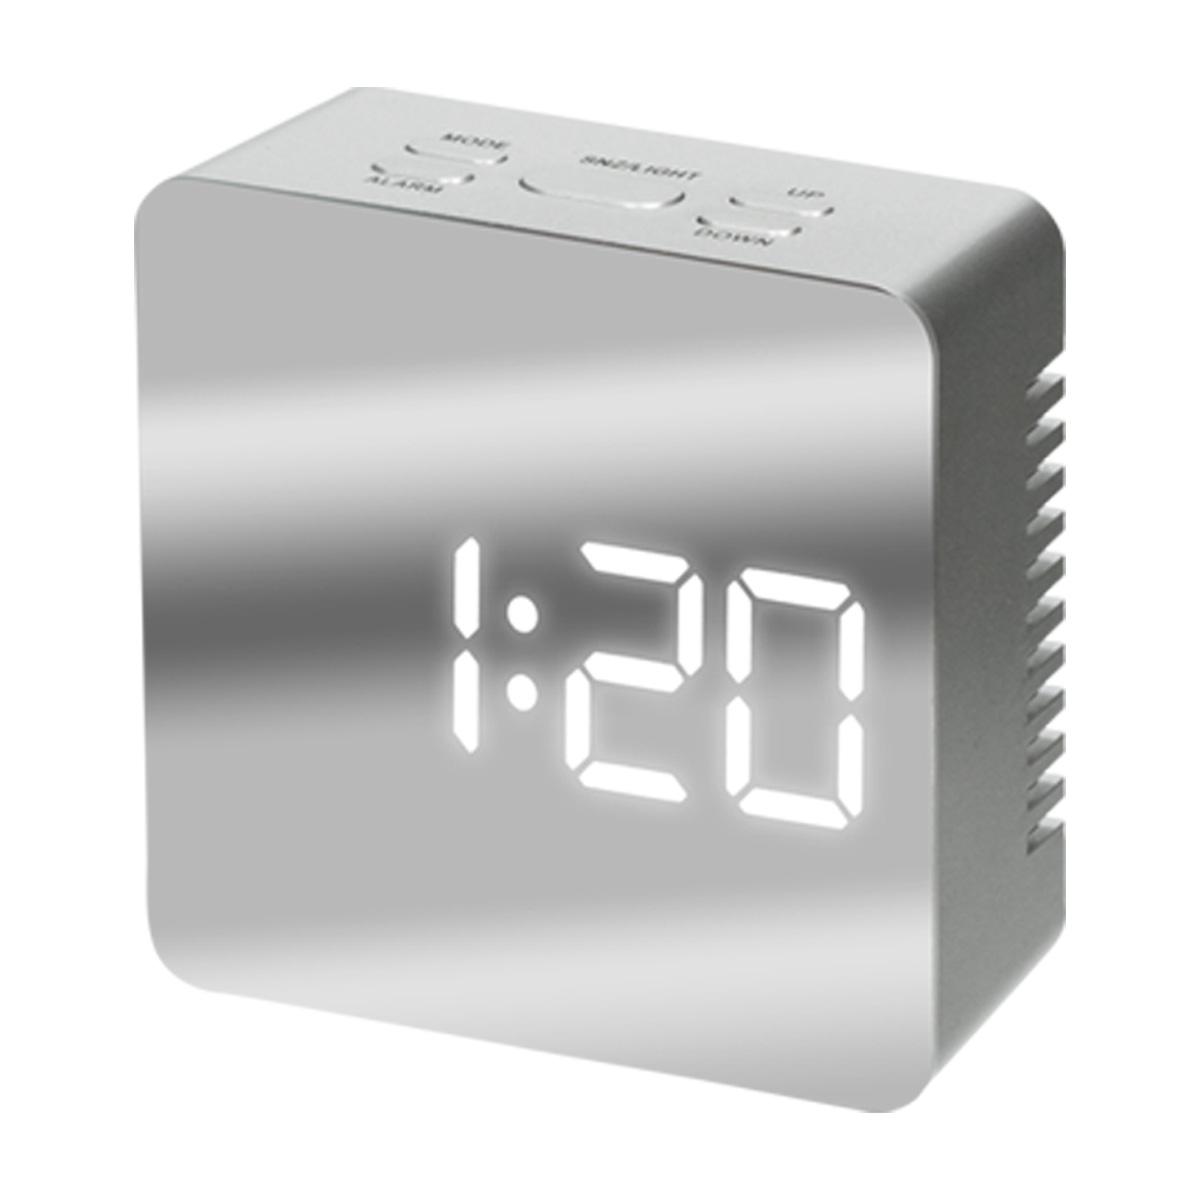 ミラークロック スクエア 卓上 目覚まし デジタル表示